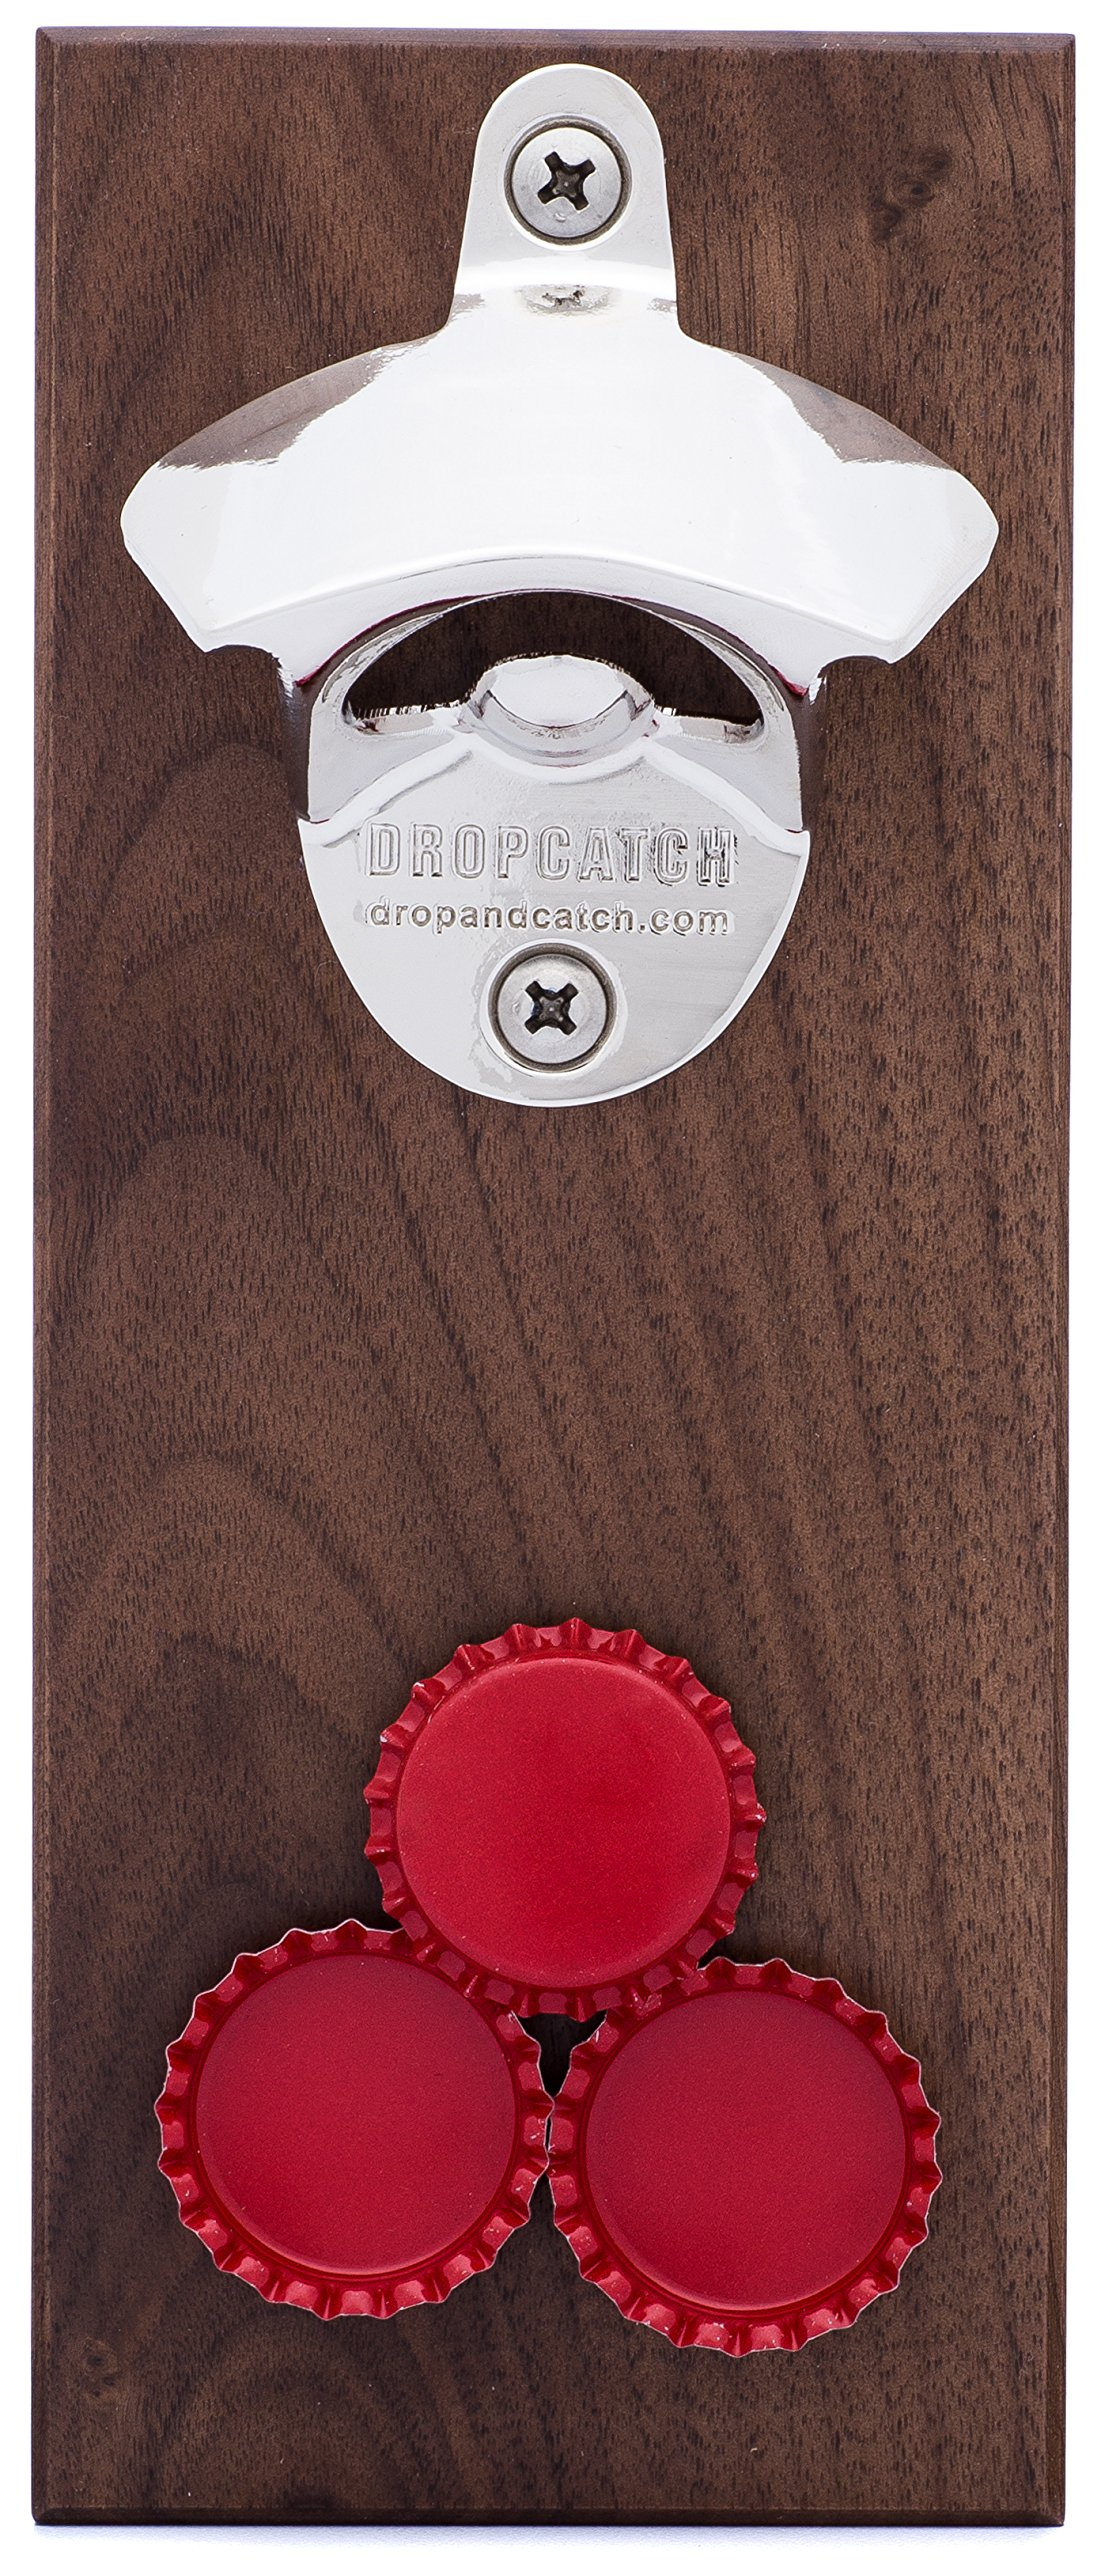 DropCatch Magnetic Bottle Opener & Cap Catcher, Porter, 70 Caps